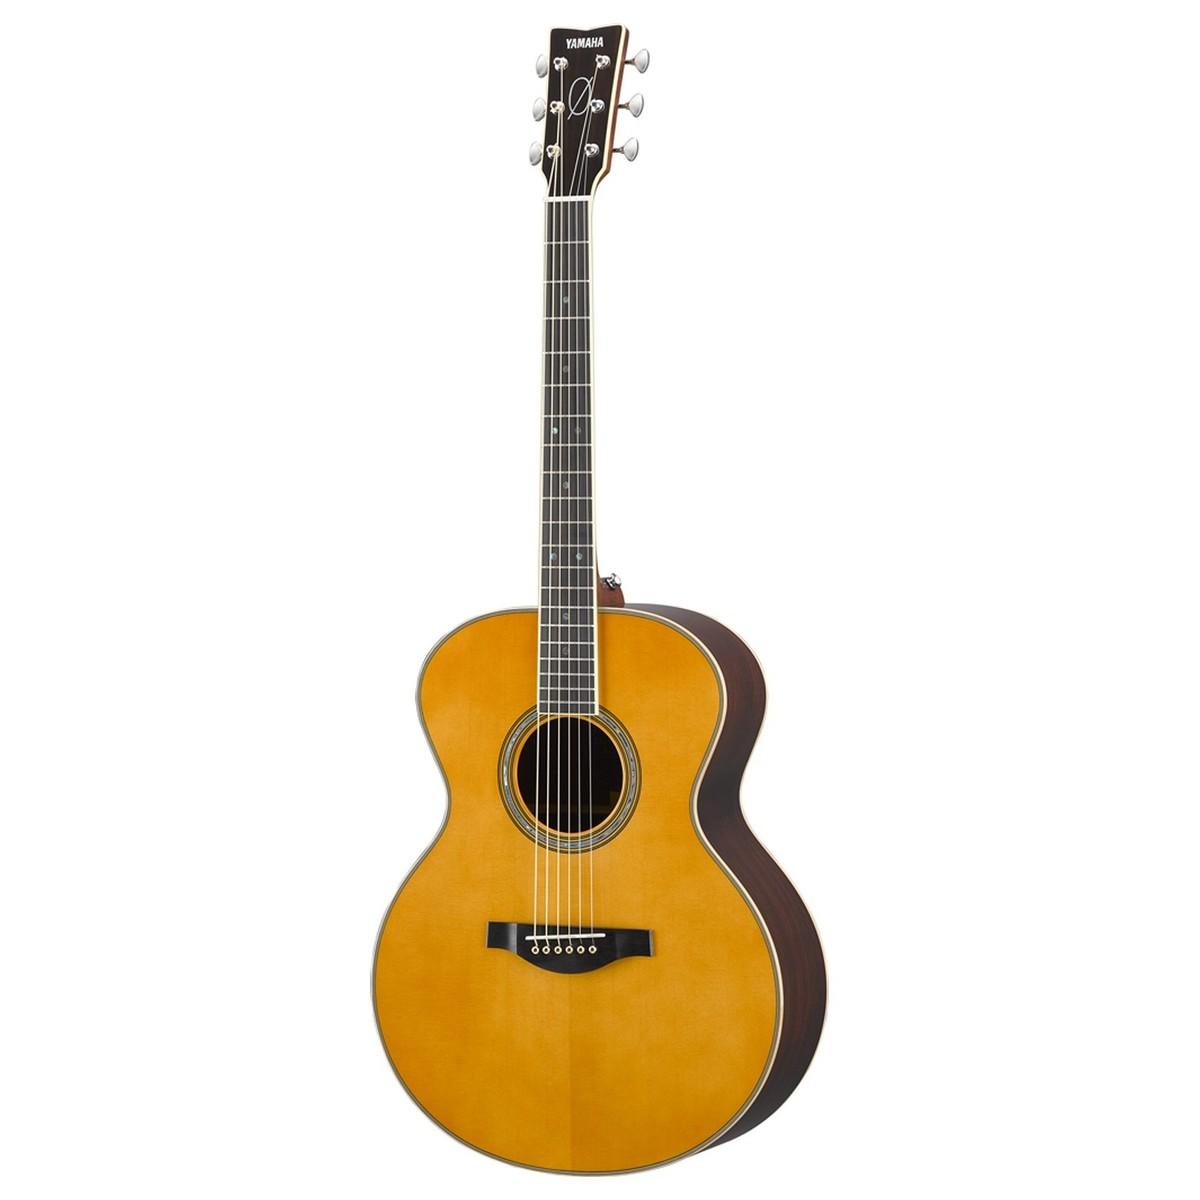 Billy Corgan Signature Guitar Yamaha